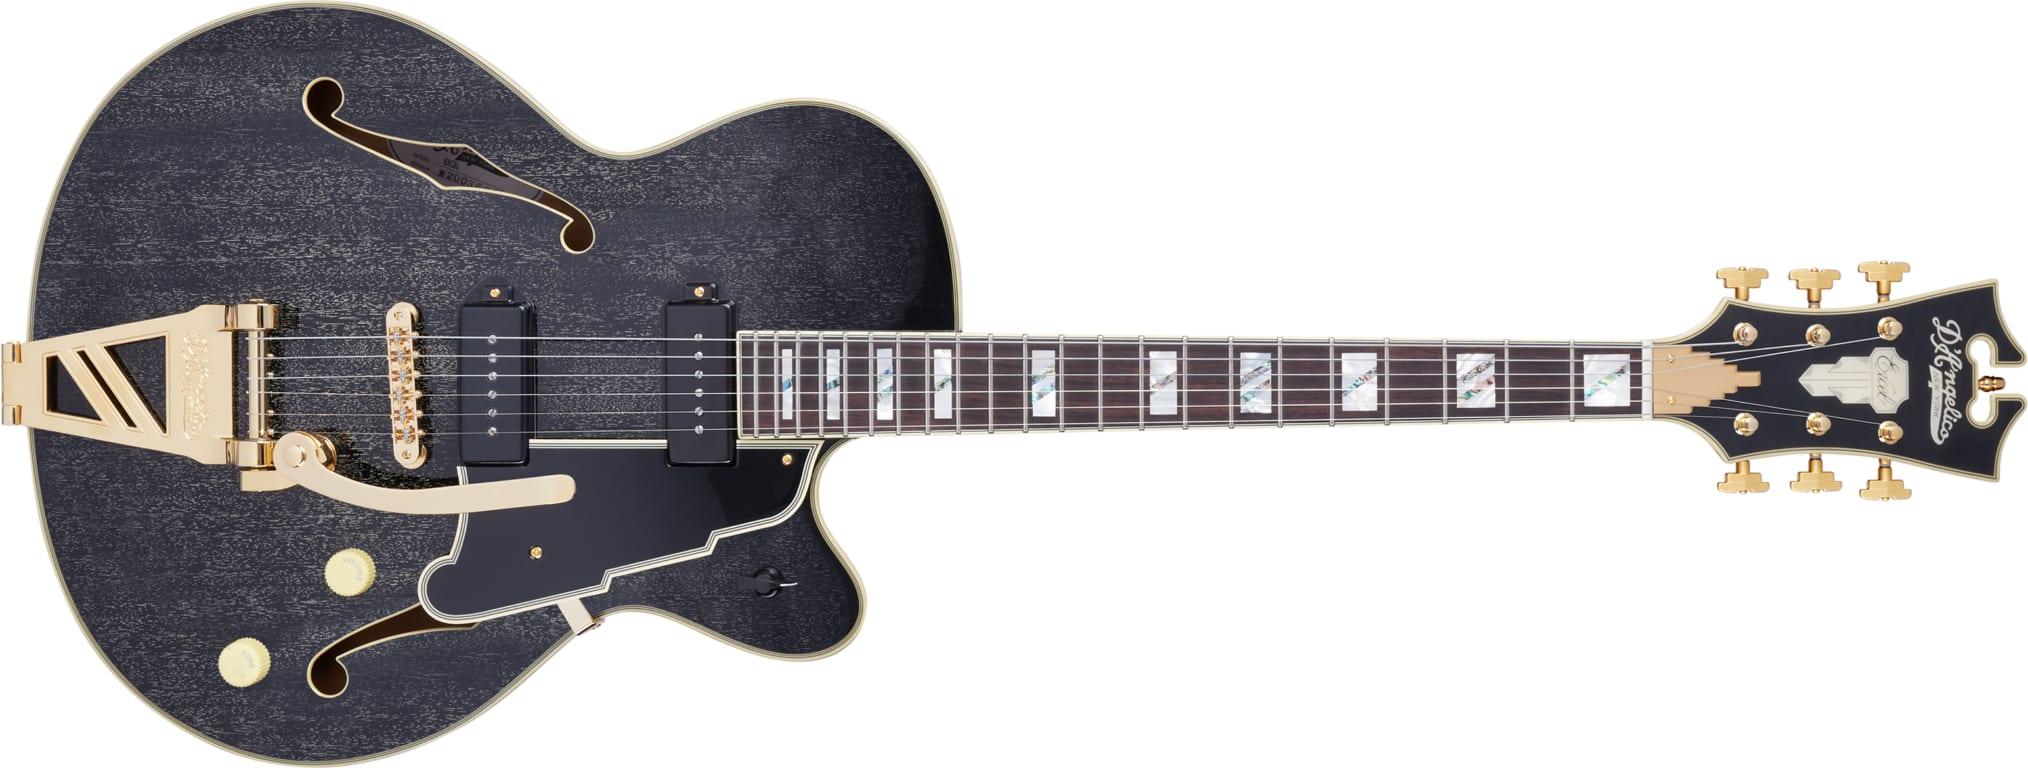 D'Angelico Guitars Excel '59 Black Dog